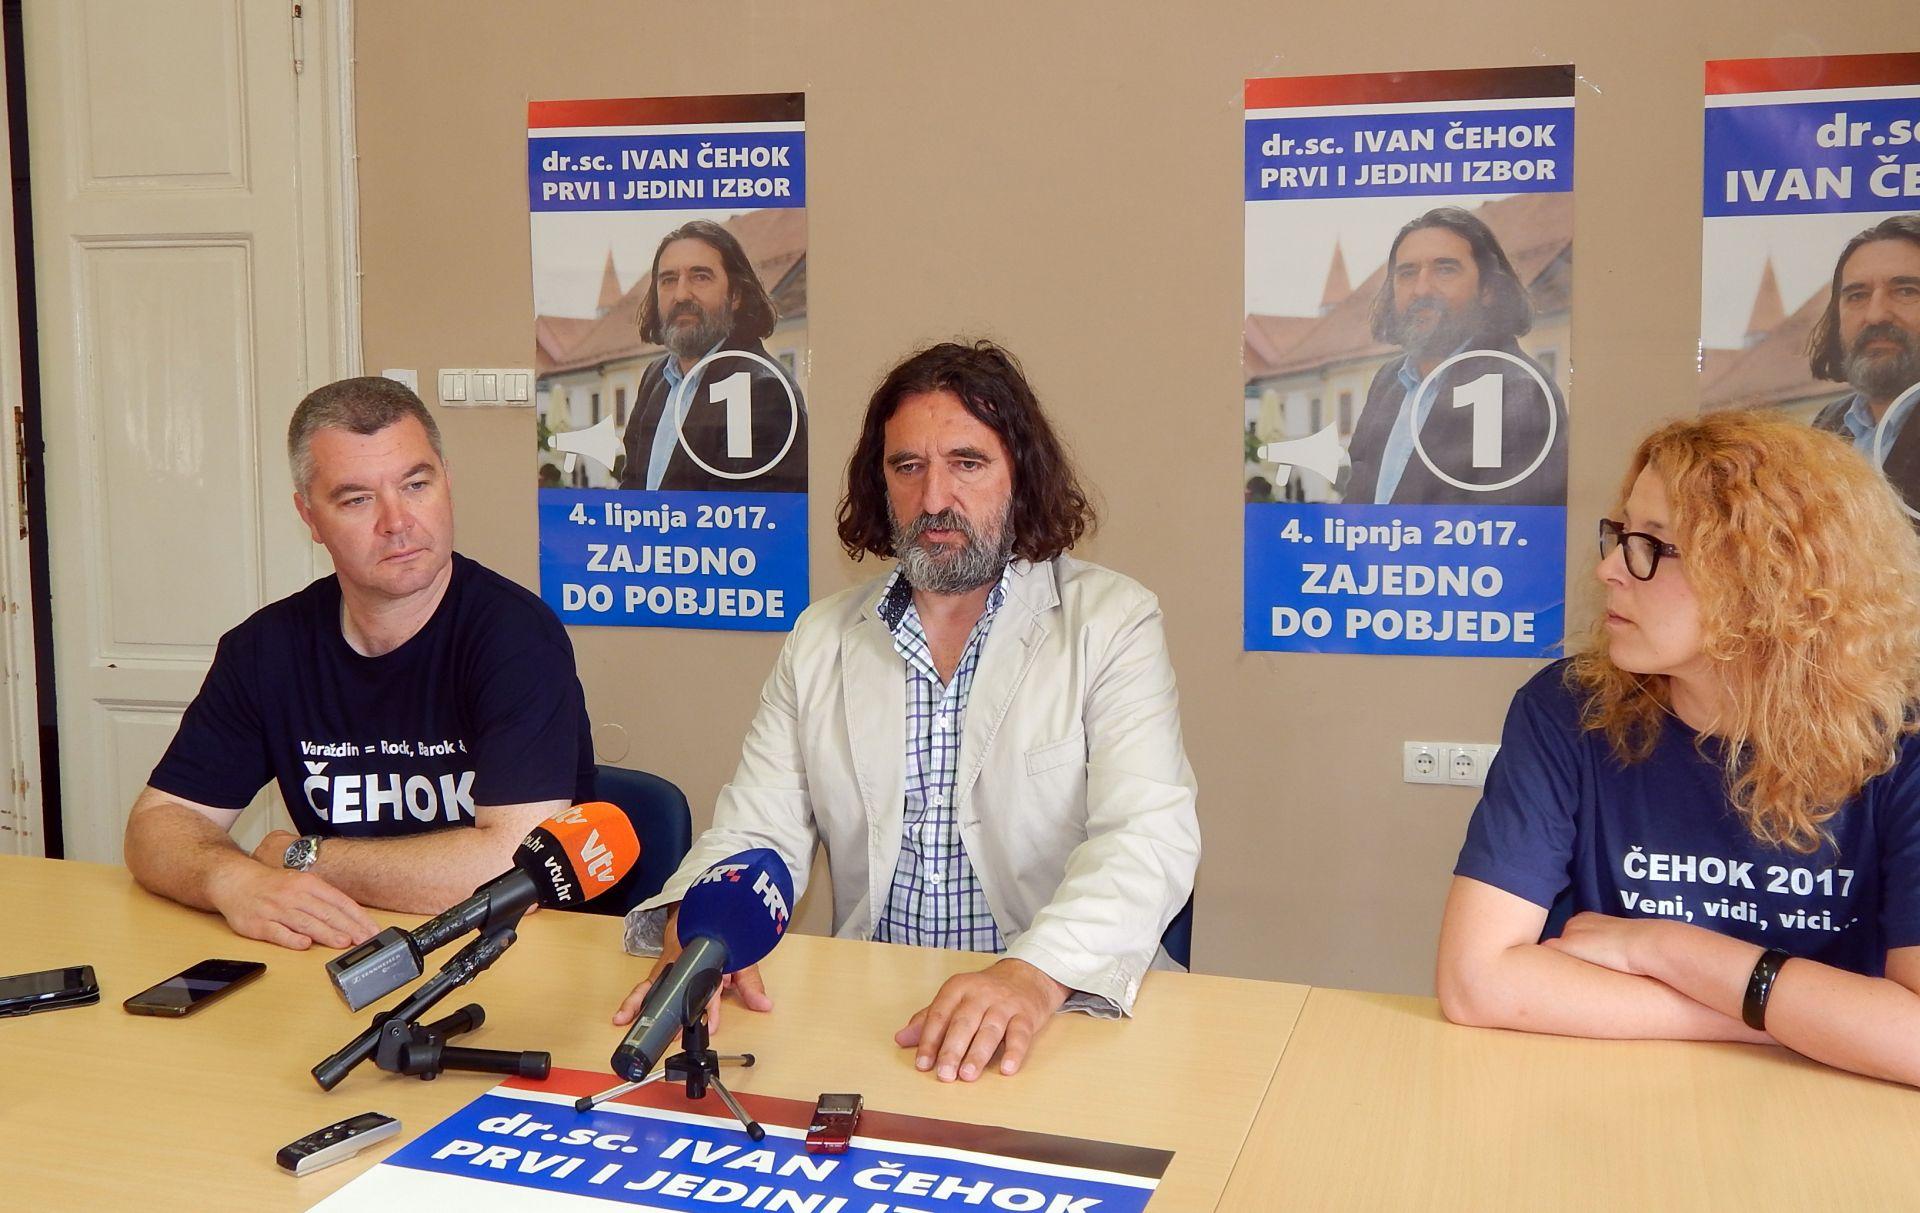 Čehok očekuje premoćnu pobjedu na izborima za gradonačelnika Varaždina